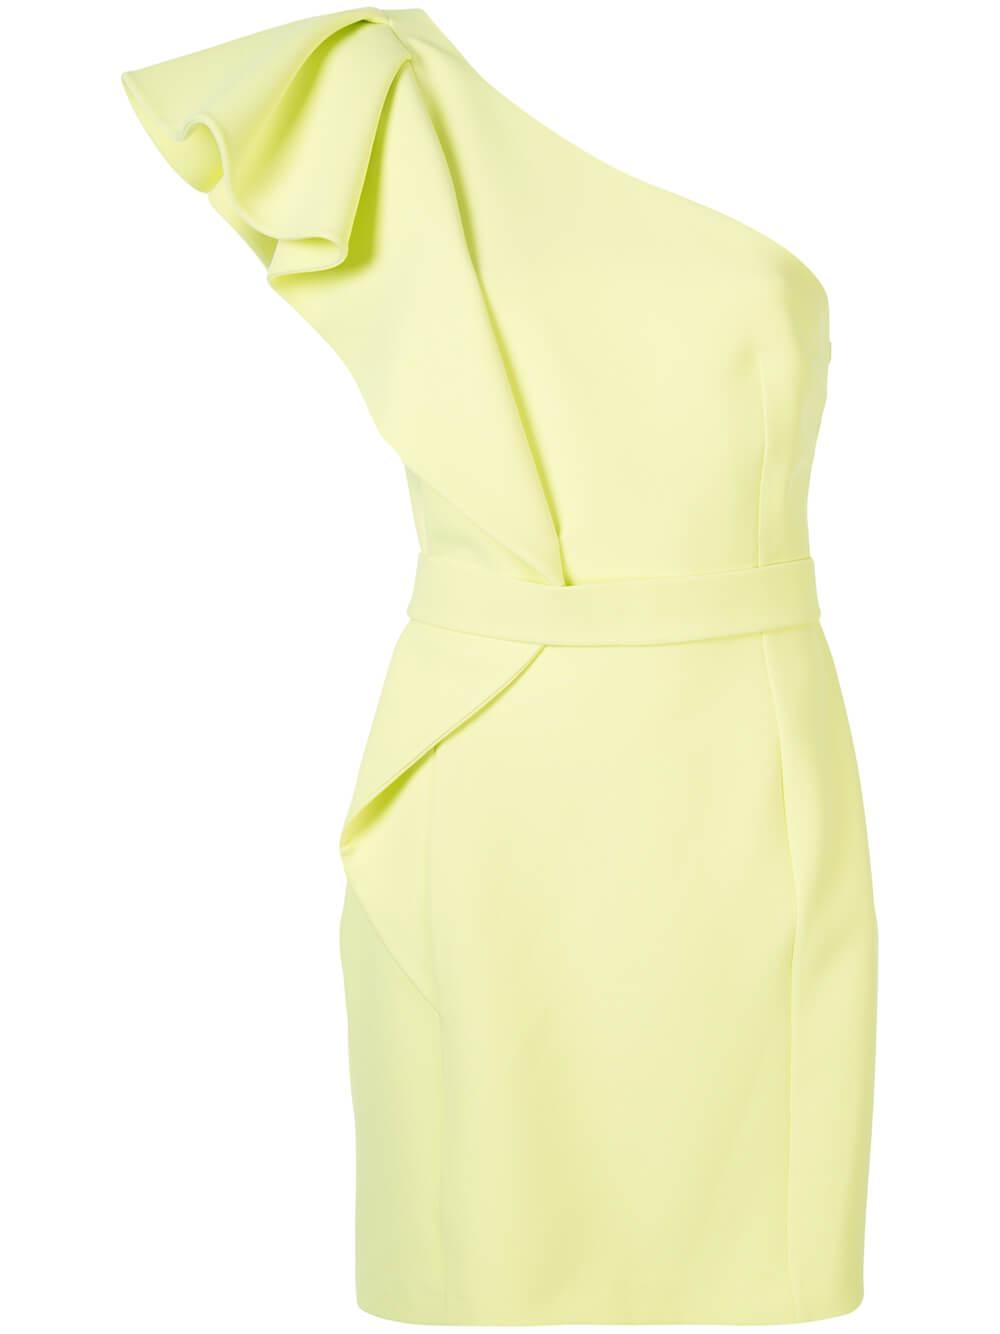 Mirlande Crepe One Shoulder Dress Item # D293-1